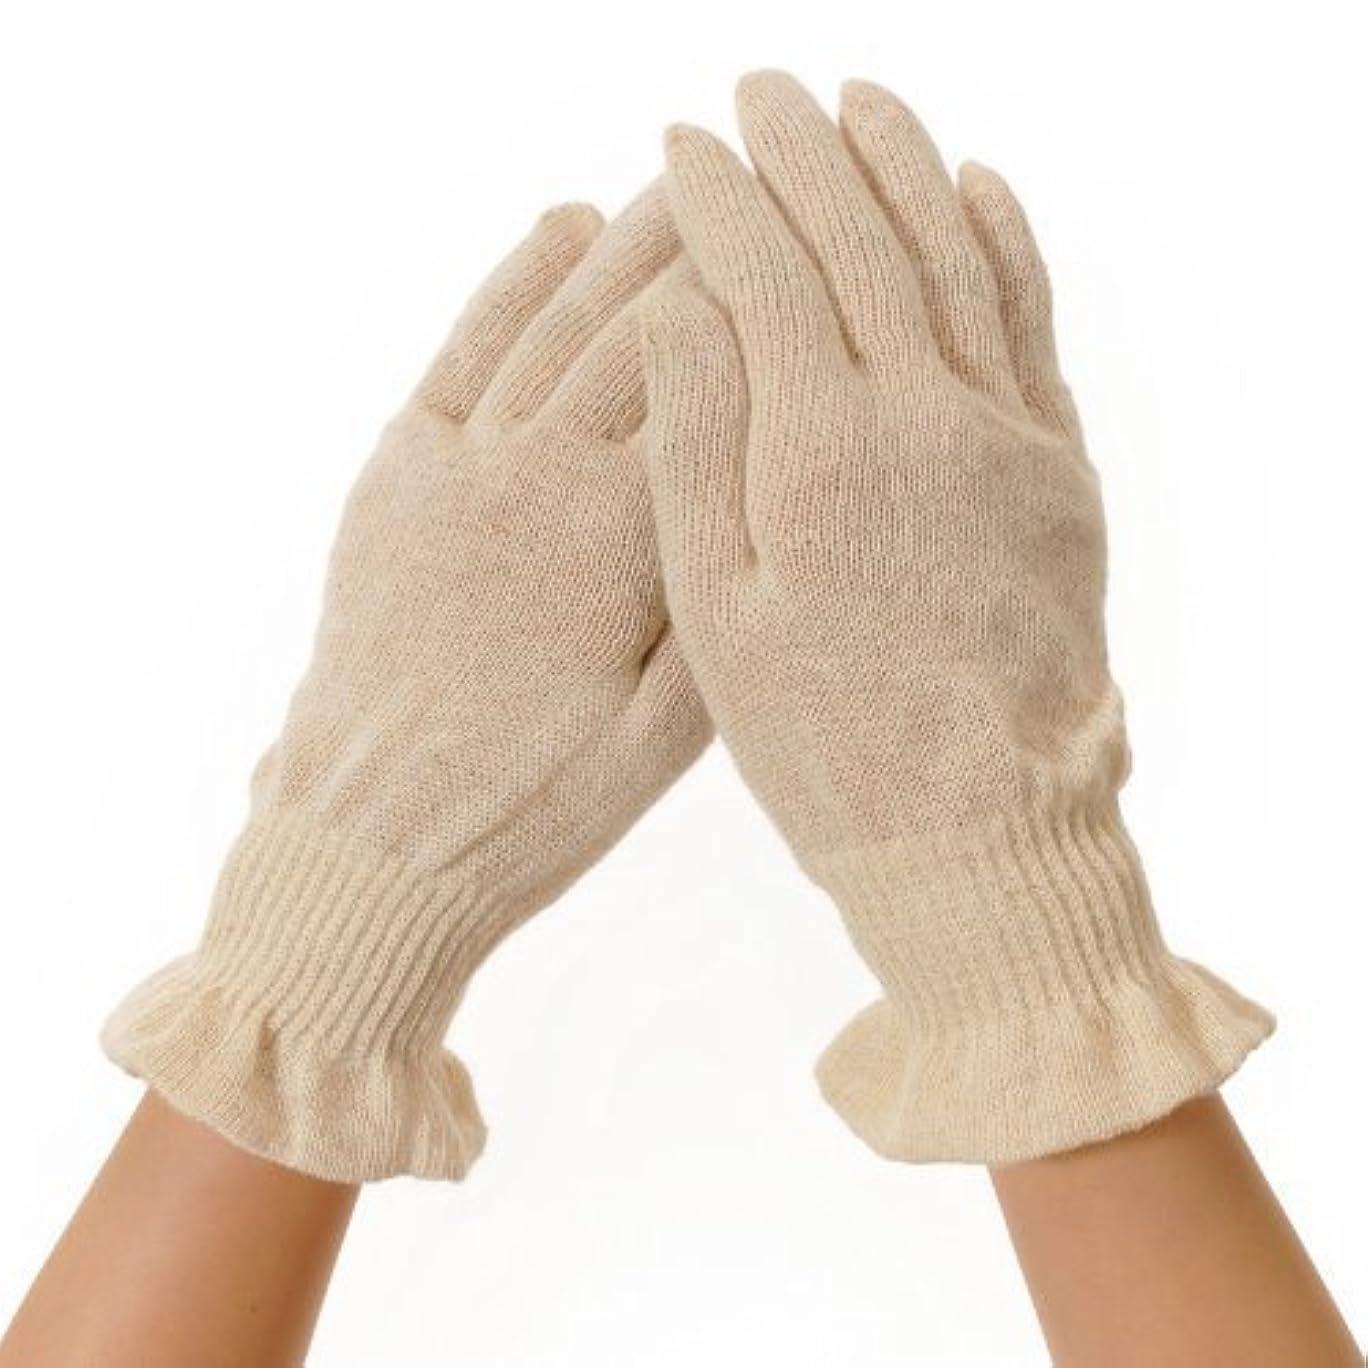 ジャベスウィルソン試してみる砦麻福 就寝用 手袋 [寝ている間に保湿で手荒れケア おやすみ手袋] 麻福特製ヘンプ糸 Rサイズ (女性ゆったり/男性ジャストフィット) きなり色 手荒れ予防